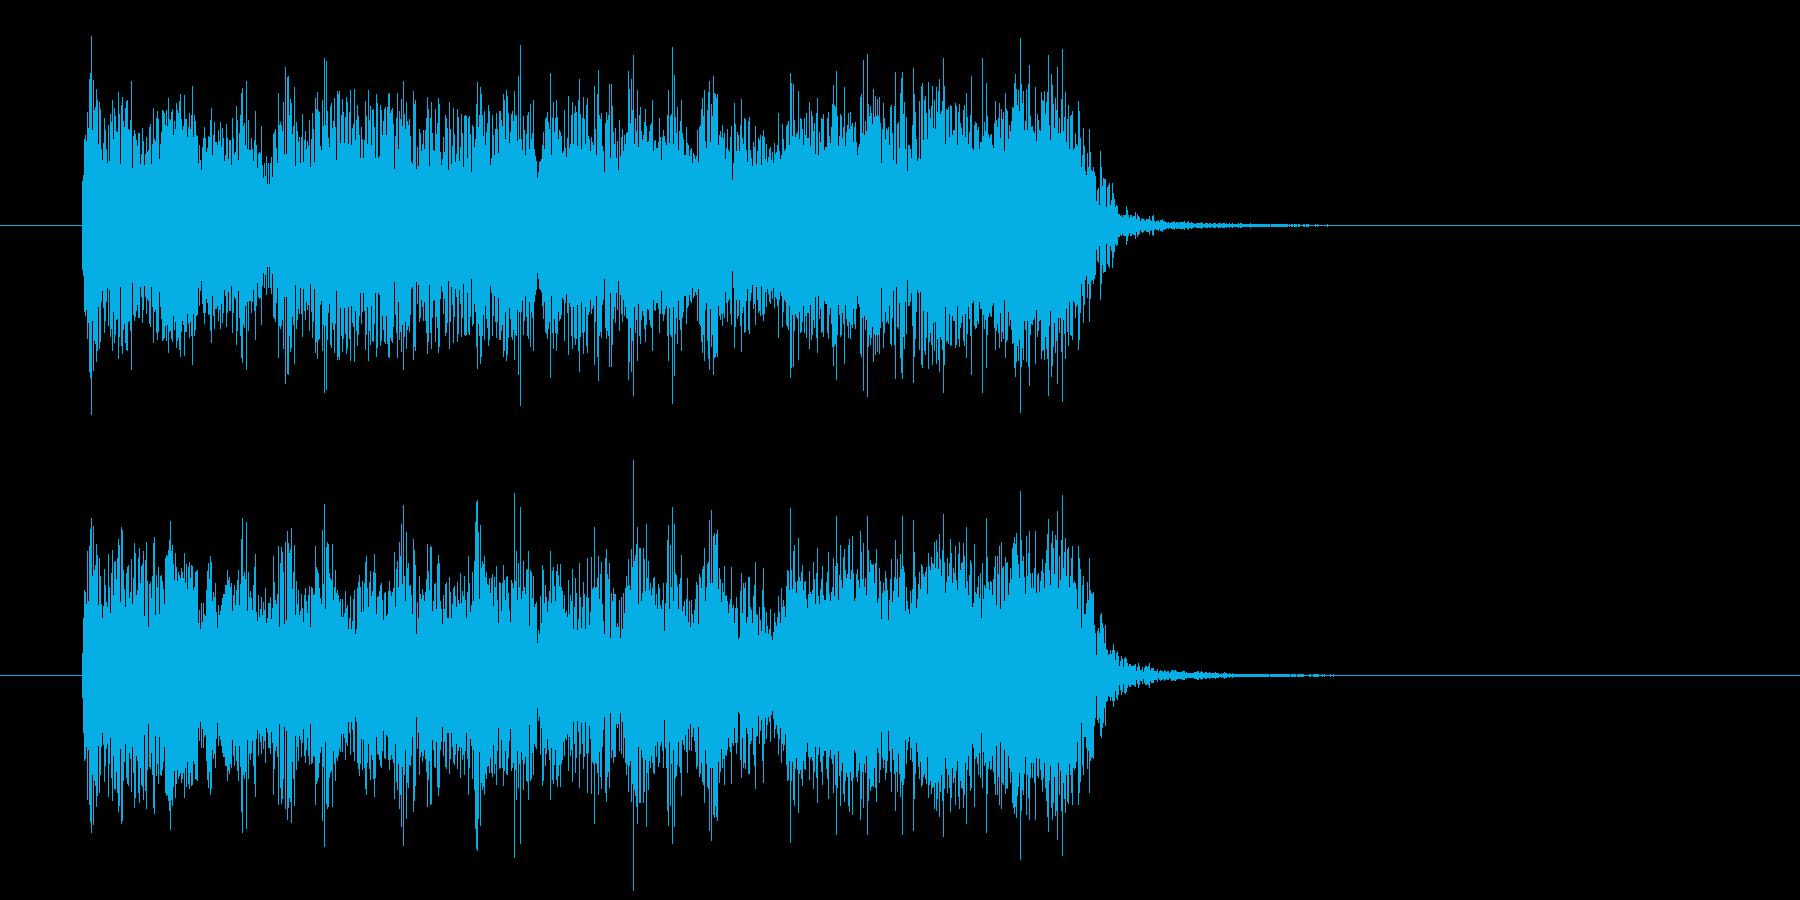 シンセサイザーによる疾走感のあるロックの再生済みの波形